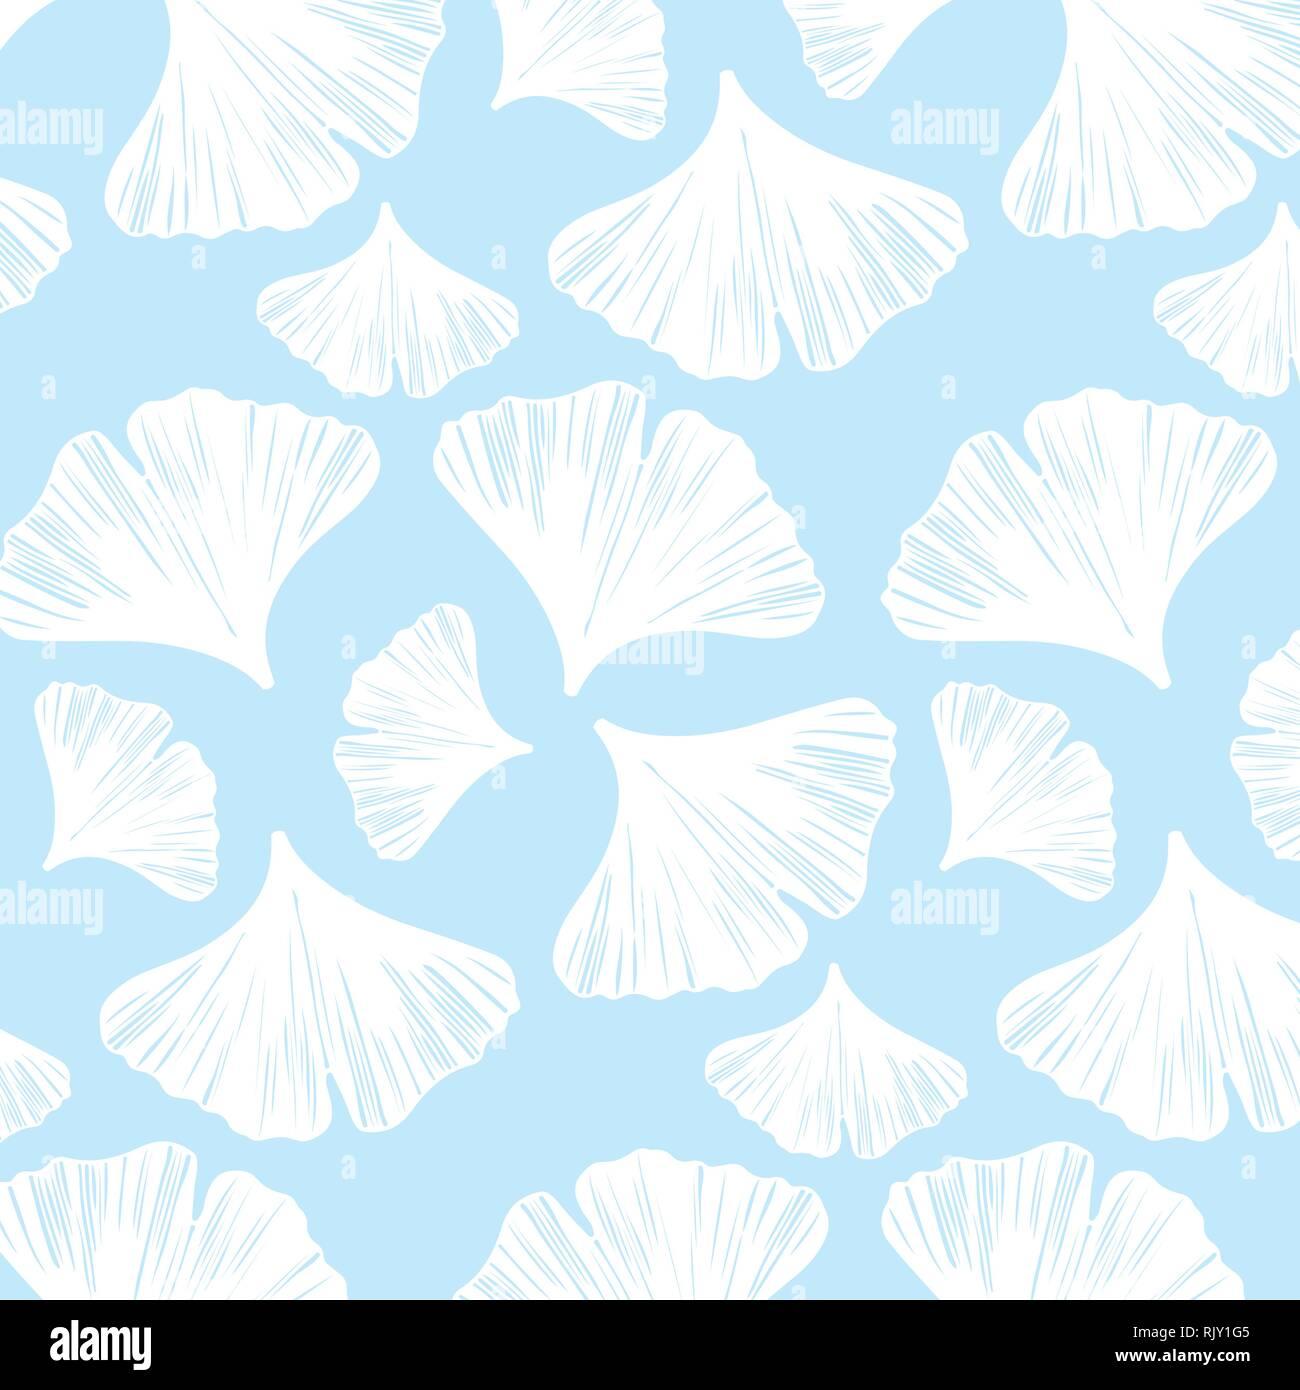 Feuilles De Ginkgo En Modèle Vectoriel Palette Couleurs Blanc Et